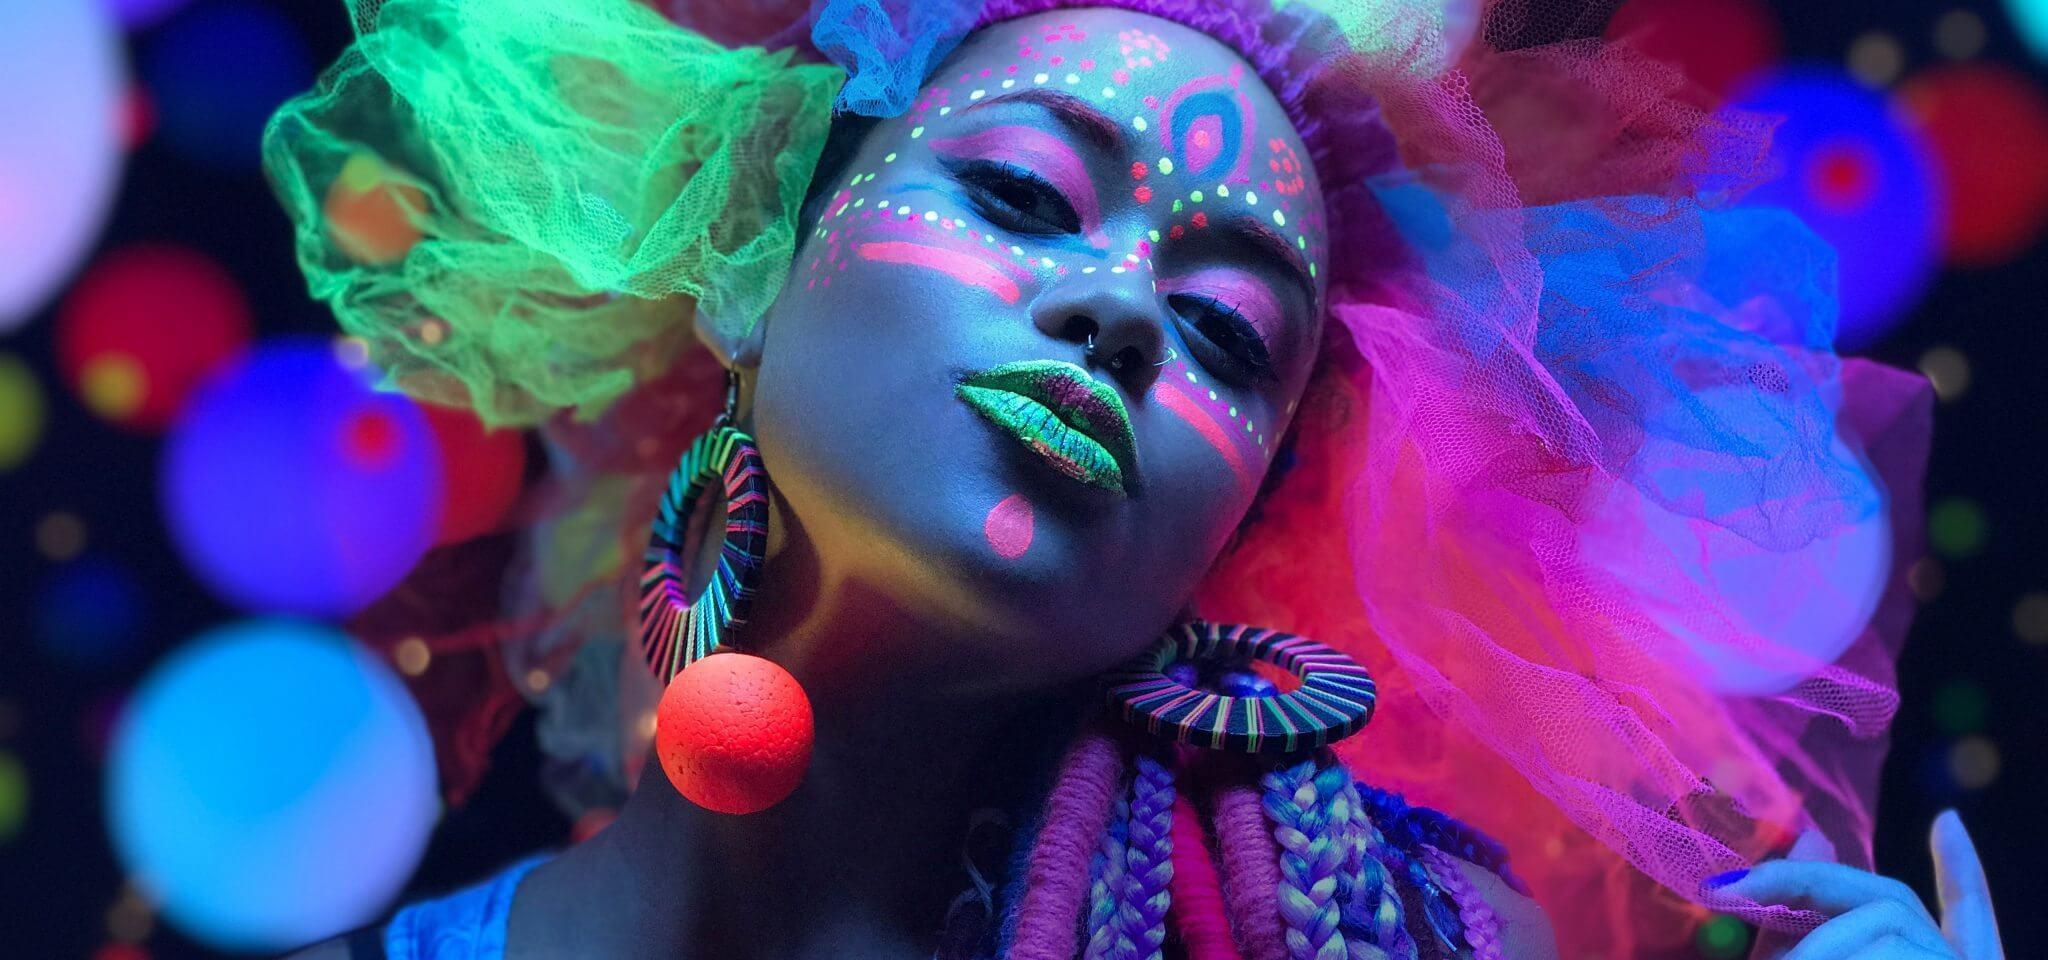 14 carnaval - Prepare o seu iPhone para o Carnaval com essa seleção exclusiva de conteúdo